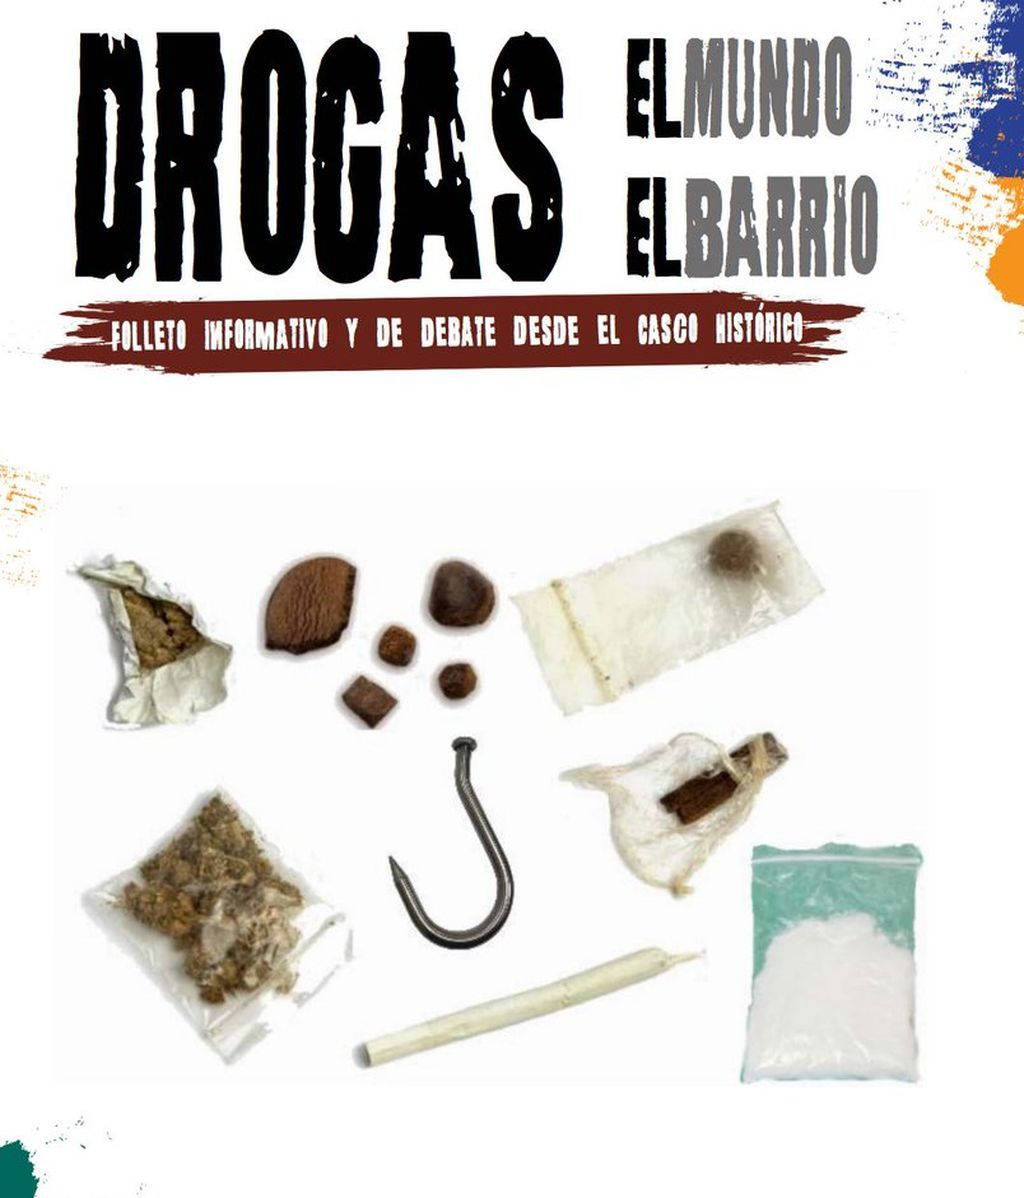 El Ayuntamiento de Zaragoza edita un folleto en el que aconseja el modo adecuado de consumir drogas